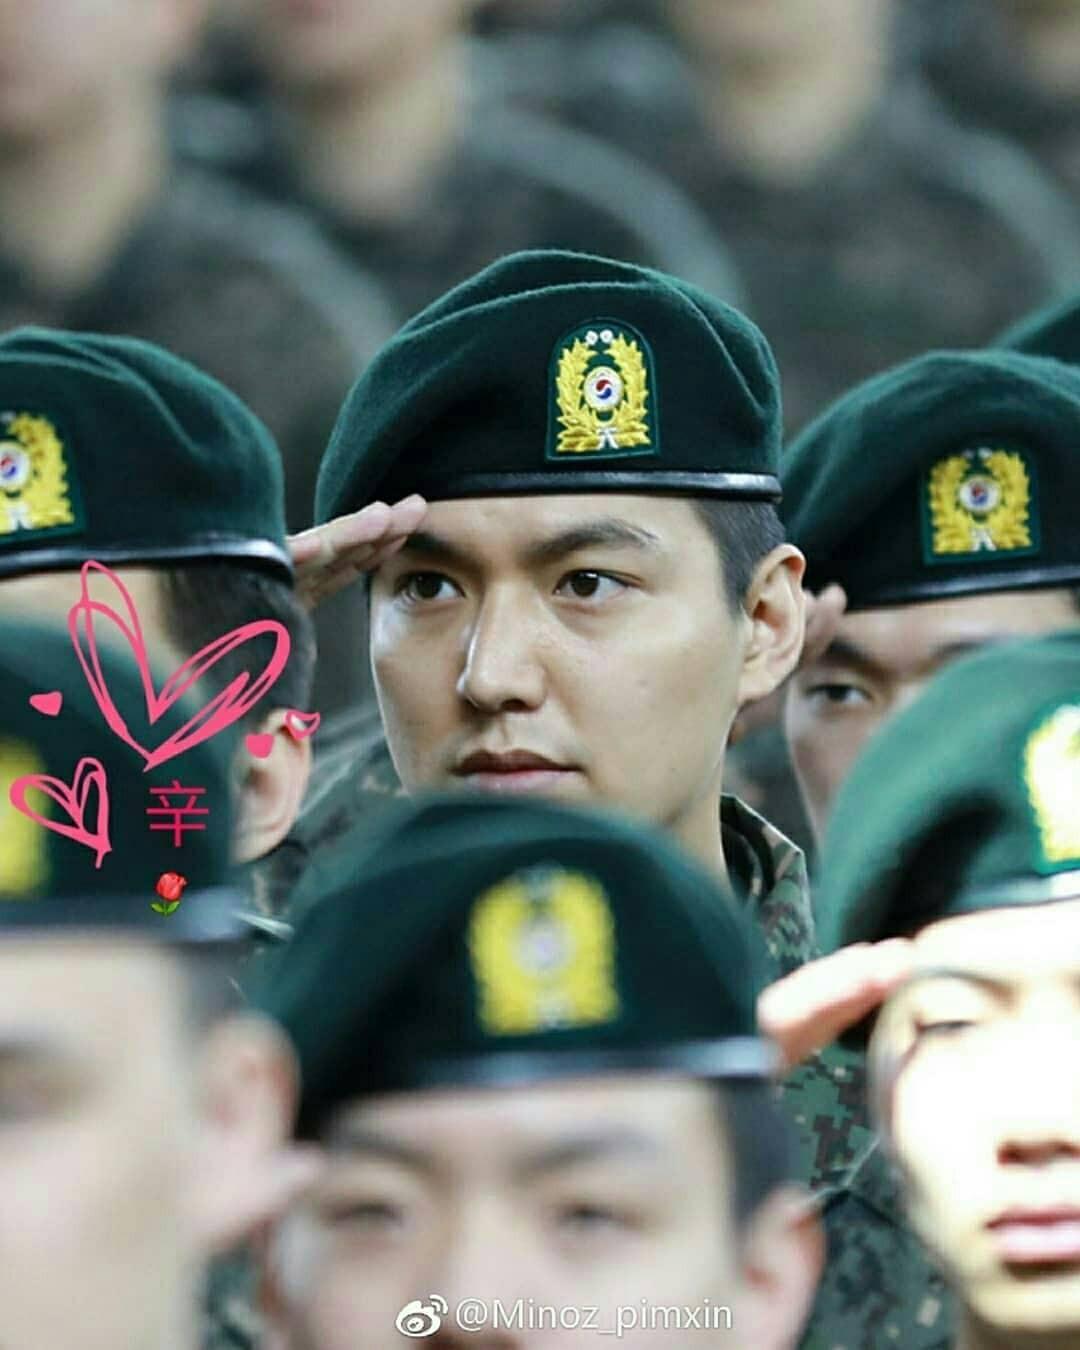 Tài tử Lee Min Ho béo phù cả mặt, ngày càng xuống sắc khi để nhan sắc mộc 100% trong quân ngũ - Ảnh 6.